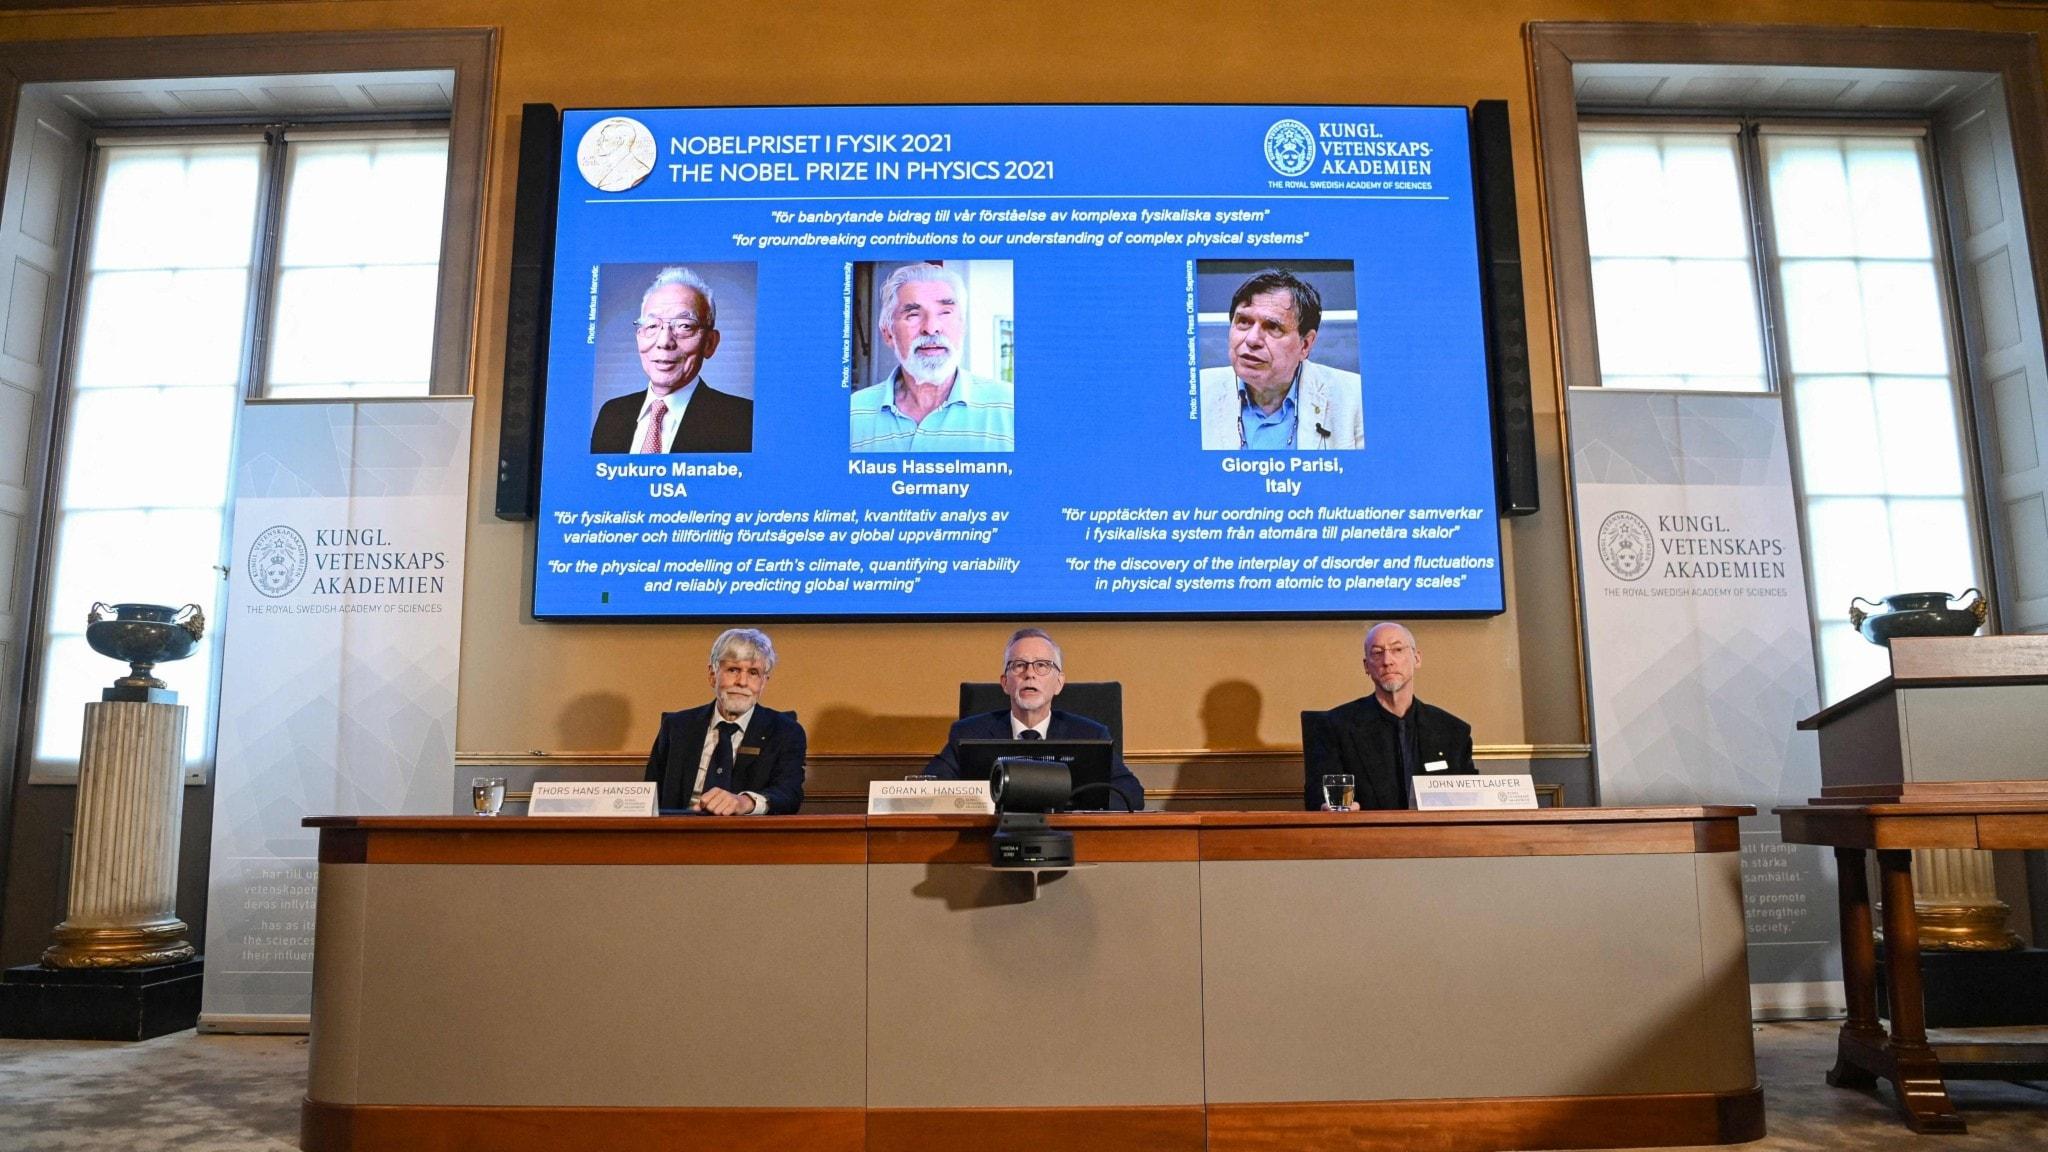 Klimatforskning får årets Nobelpris i fysik - spela